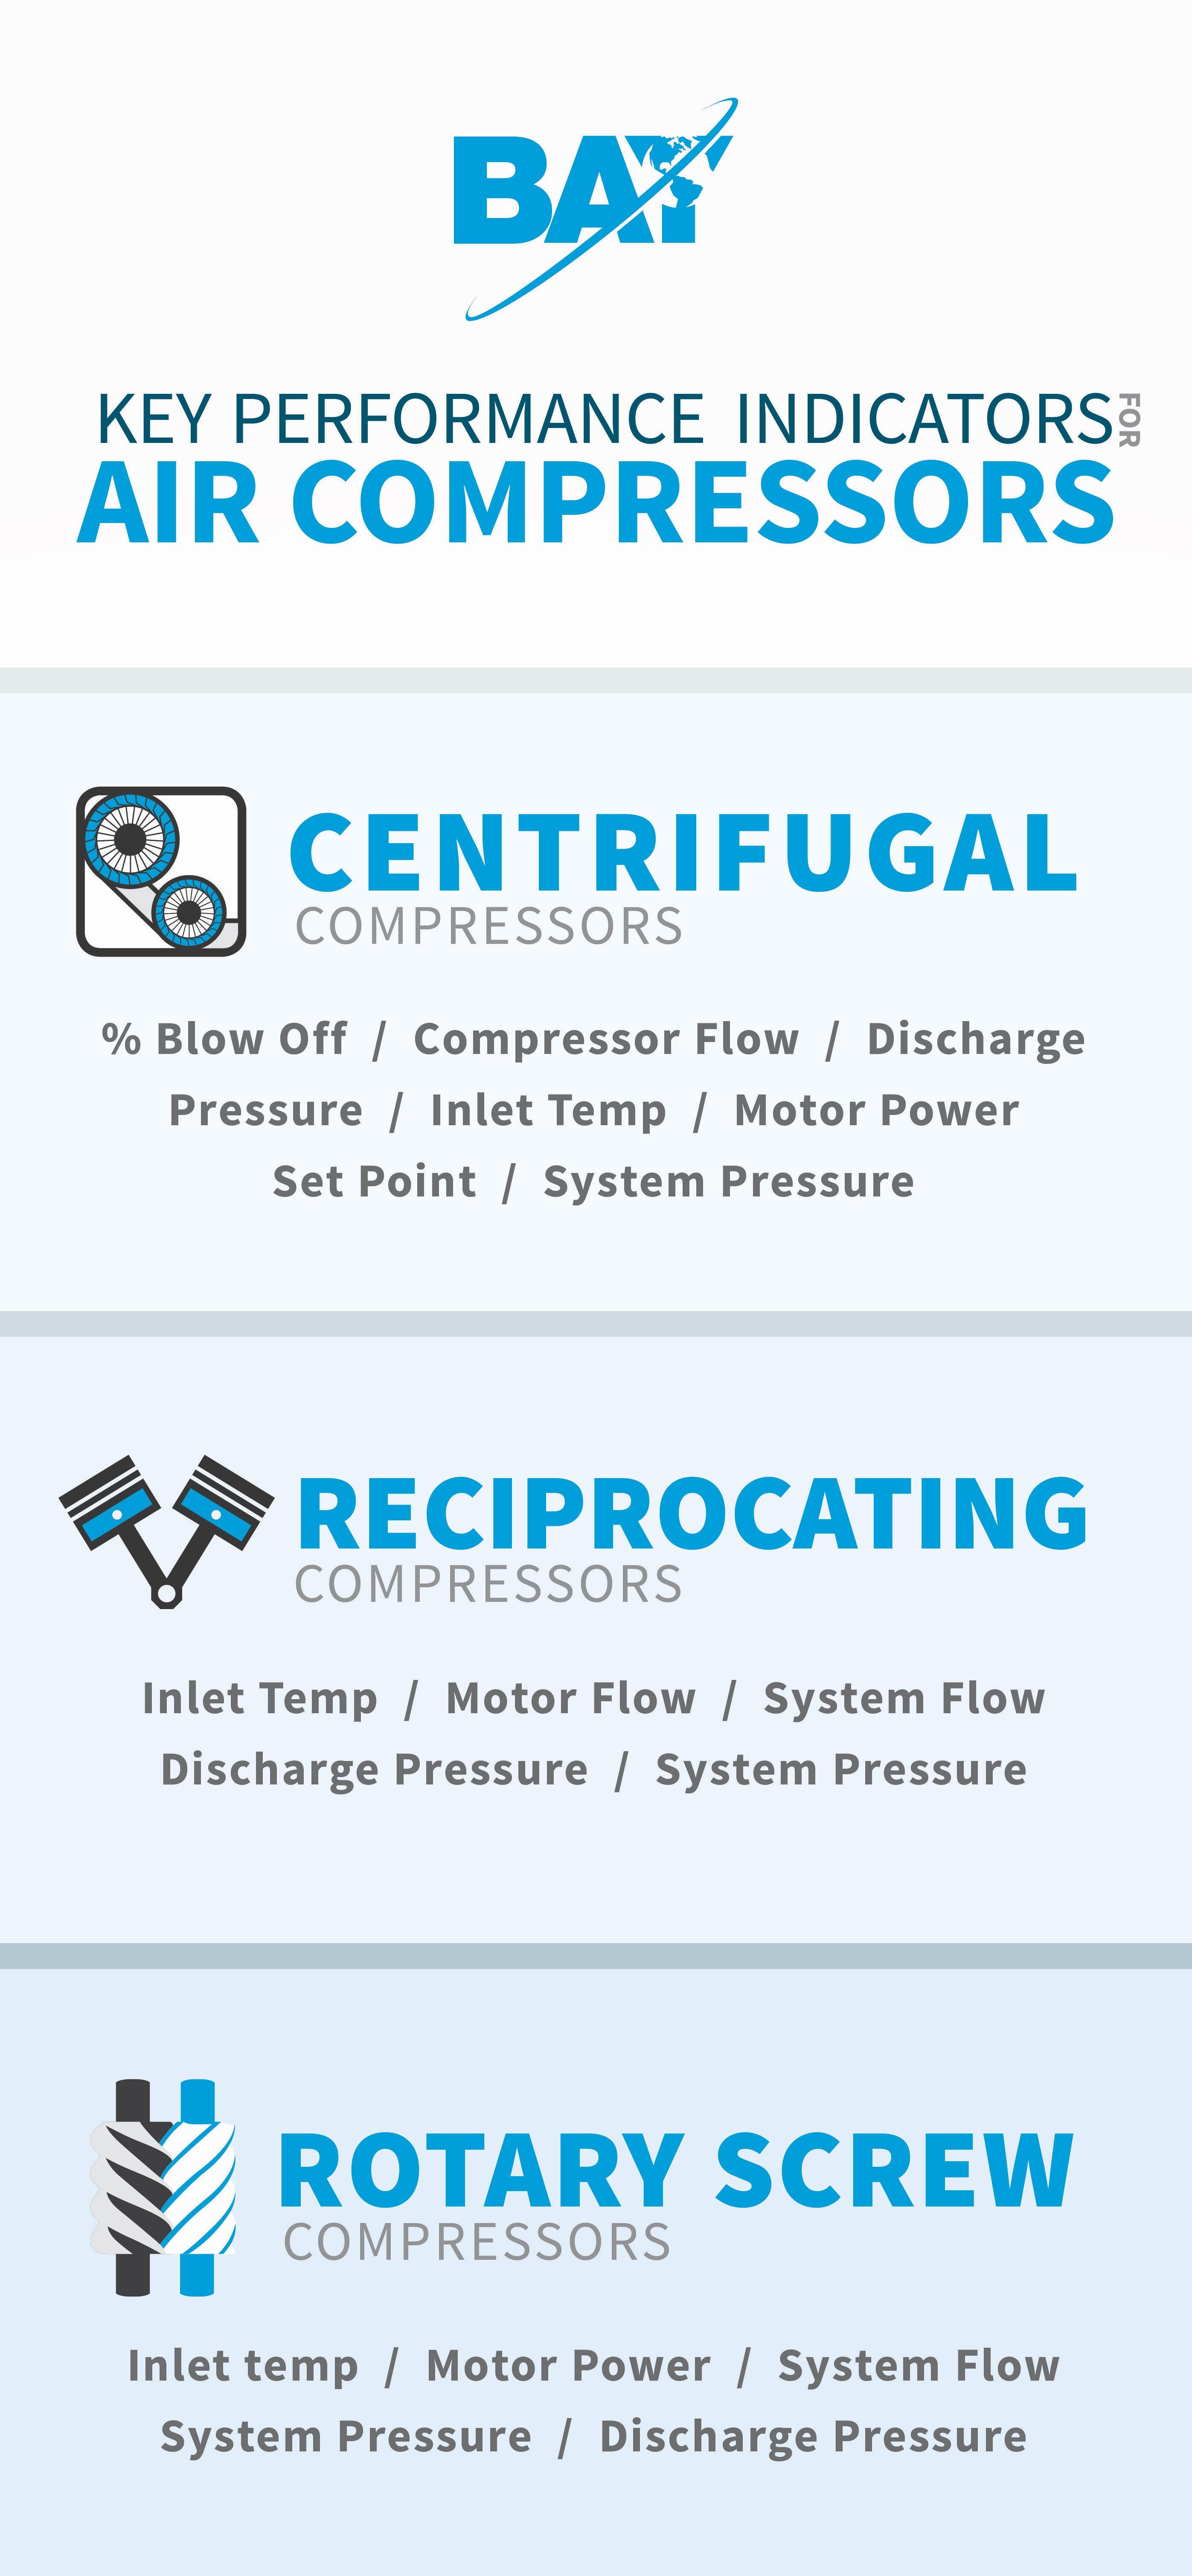 air compressor kpis